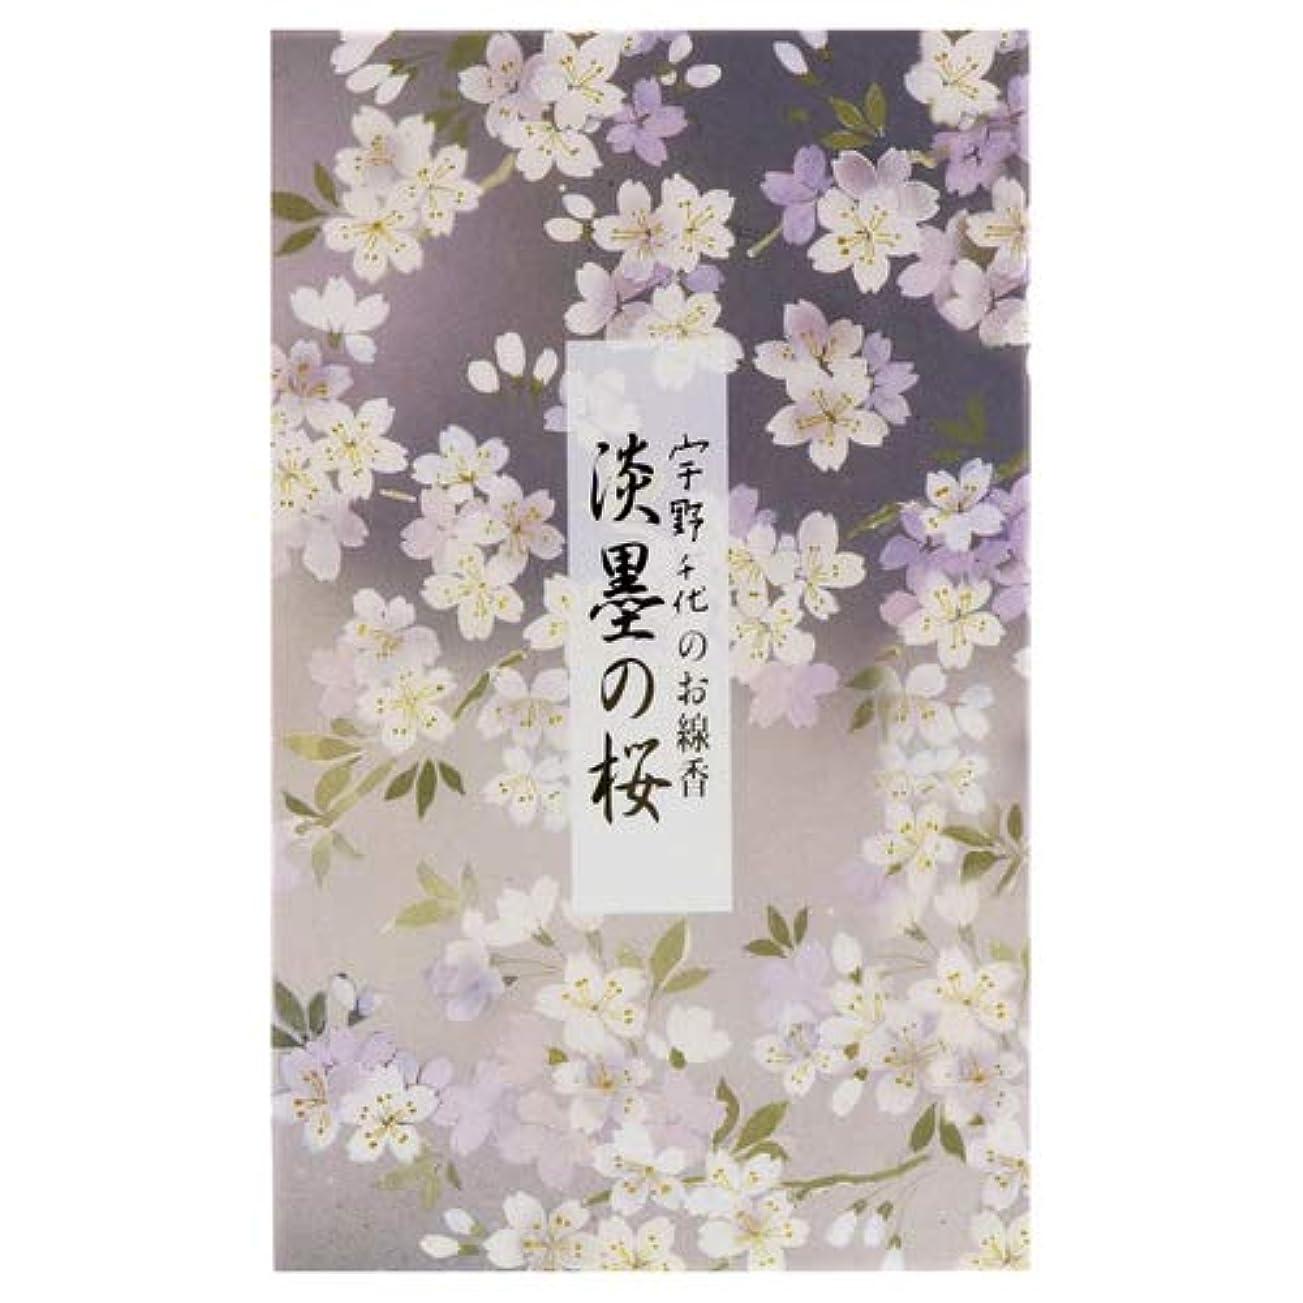 怒って世界戦争宇野千代のお線香 淡墨の桜 バラ詰